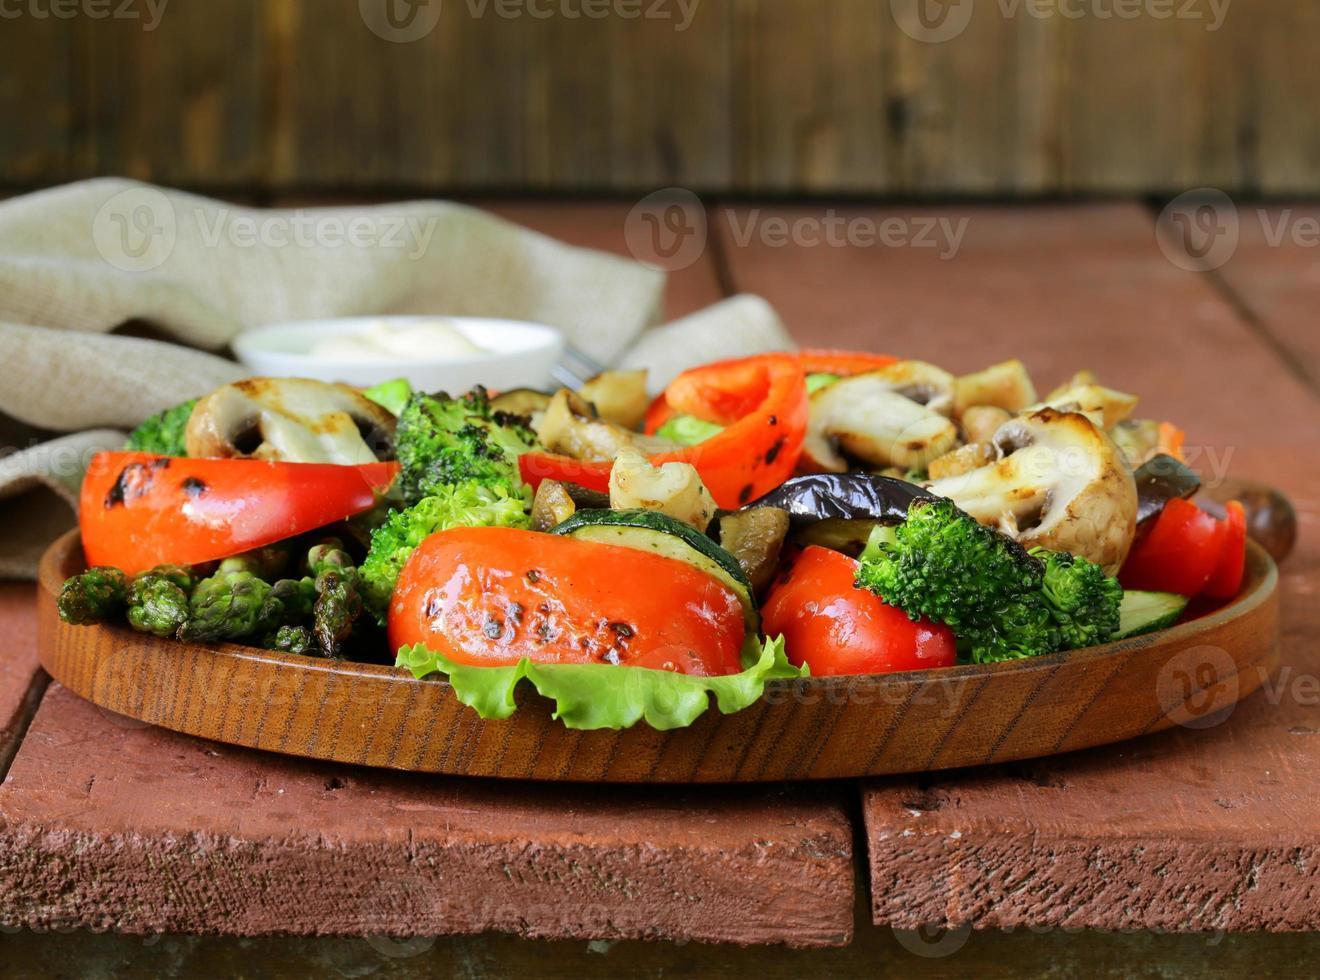 aperitivo de legumes grelhados (pimentão, aspargos, abobrinha, brócolis) foto